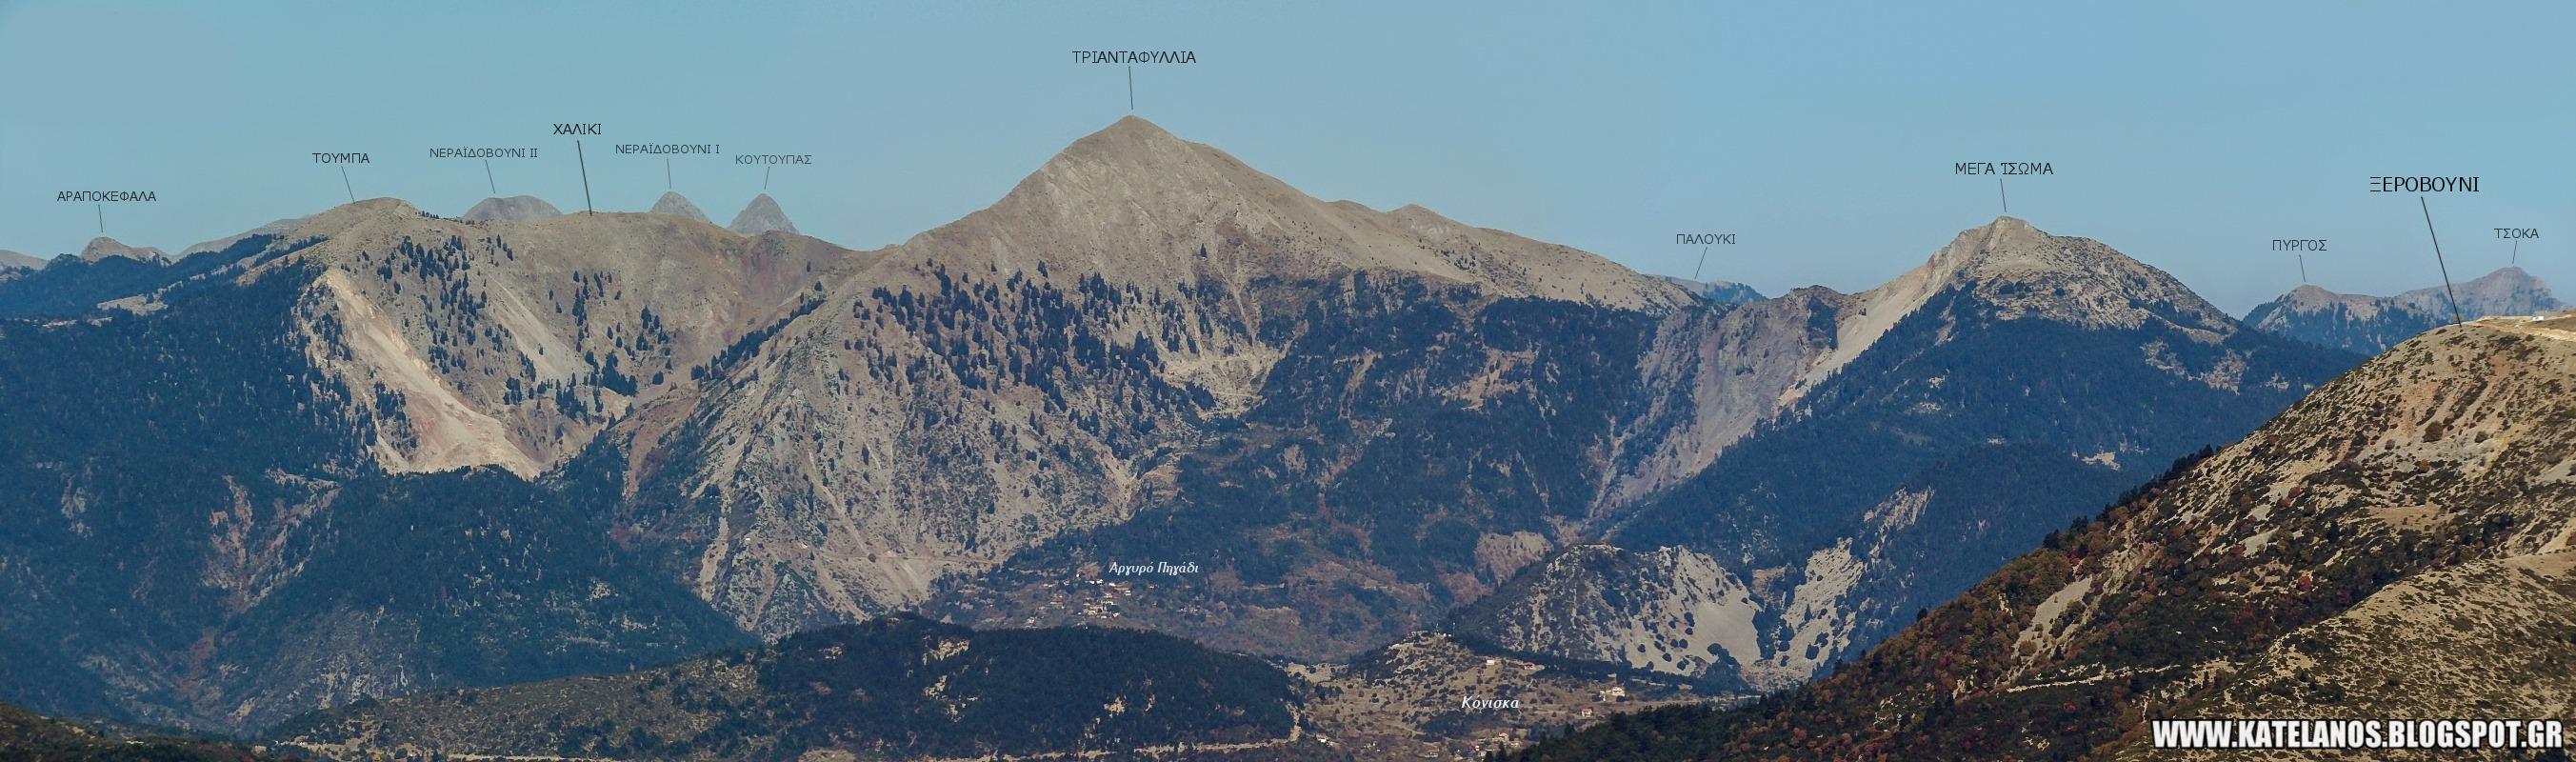 τριανταφυλλια βουνο παναιτωλικου ορους κορυφες